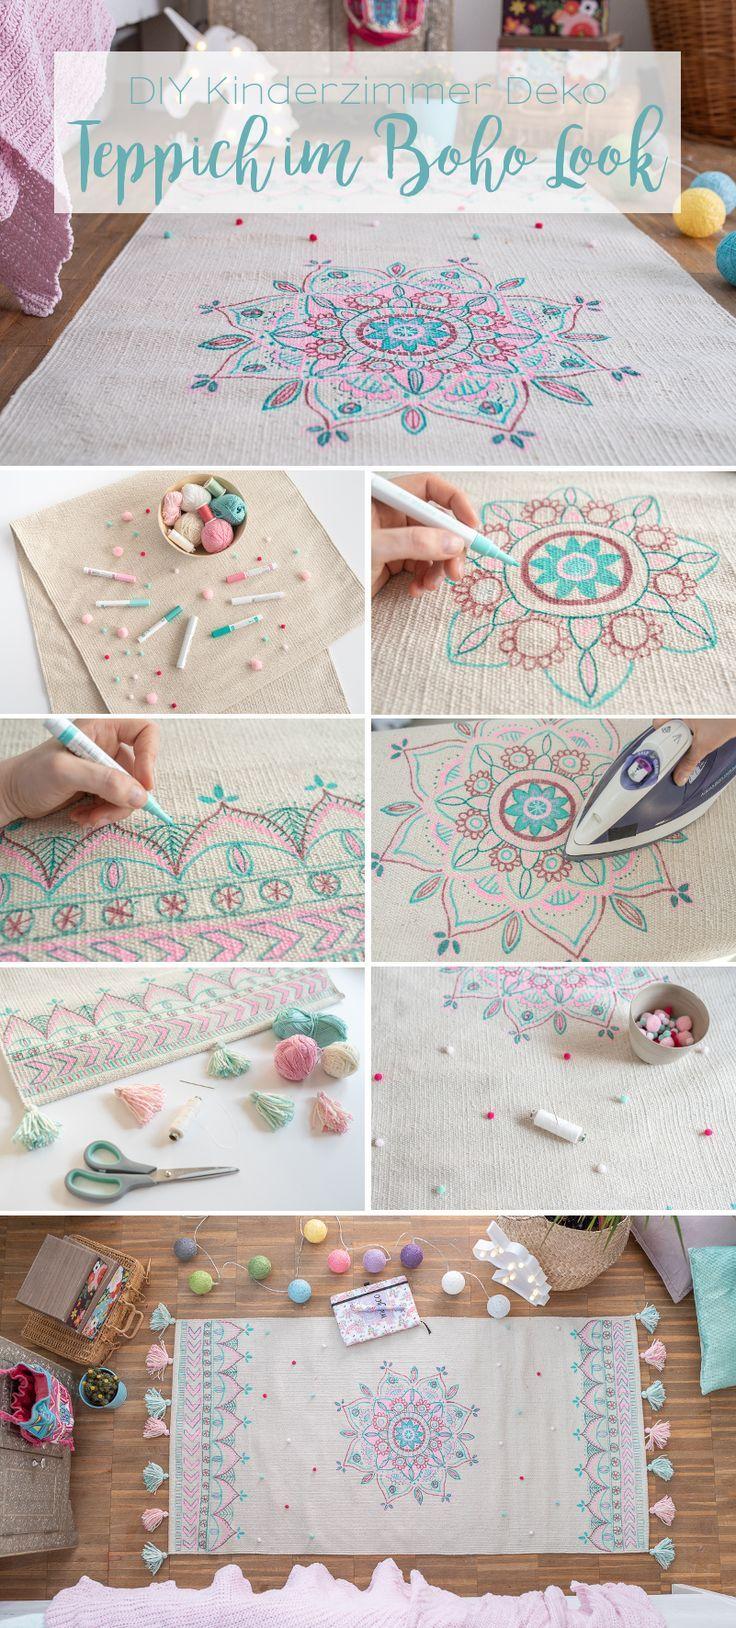 DIY Teppich im Boho Look für das Kinderzimmer mit